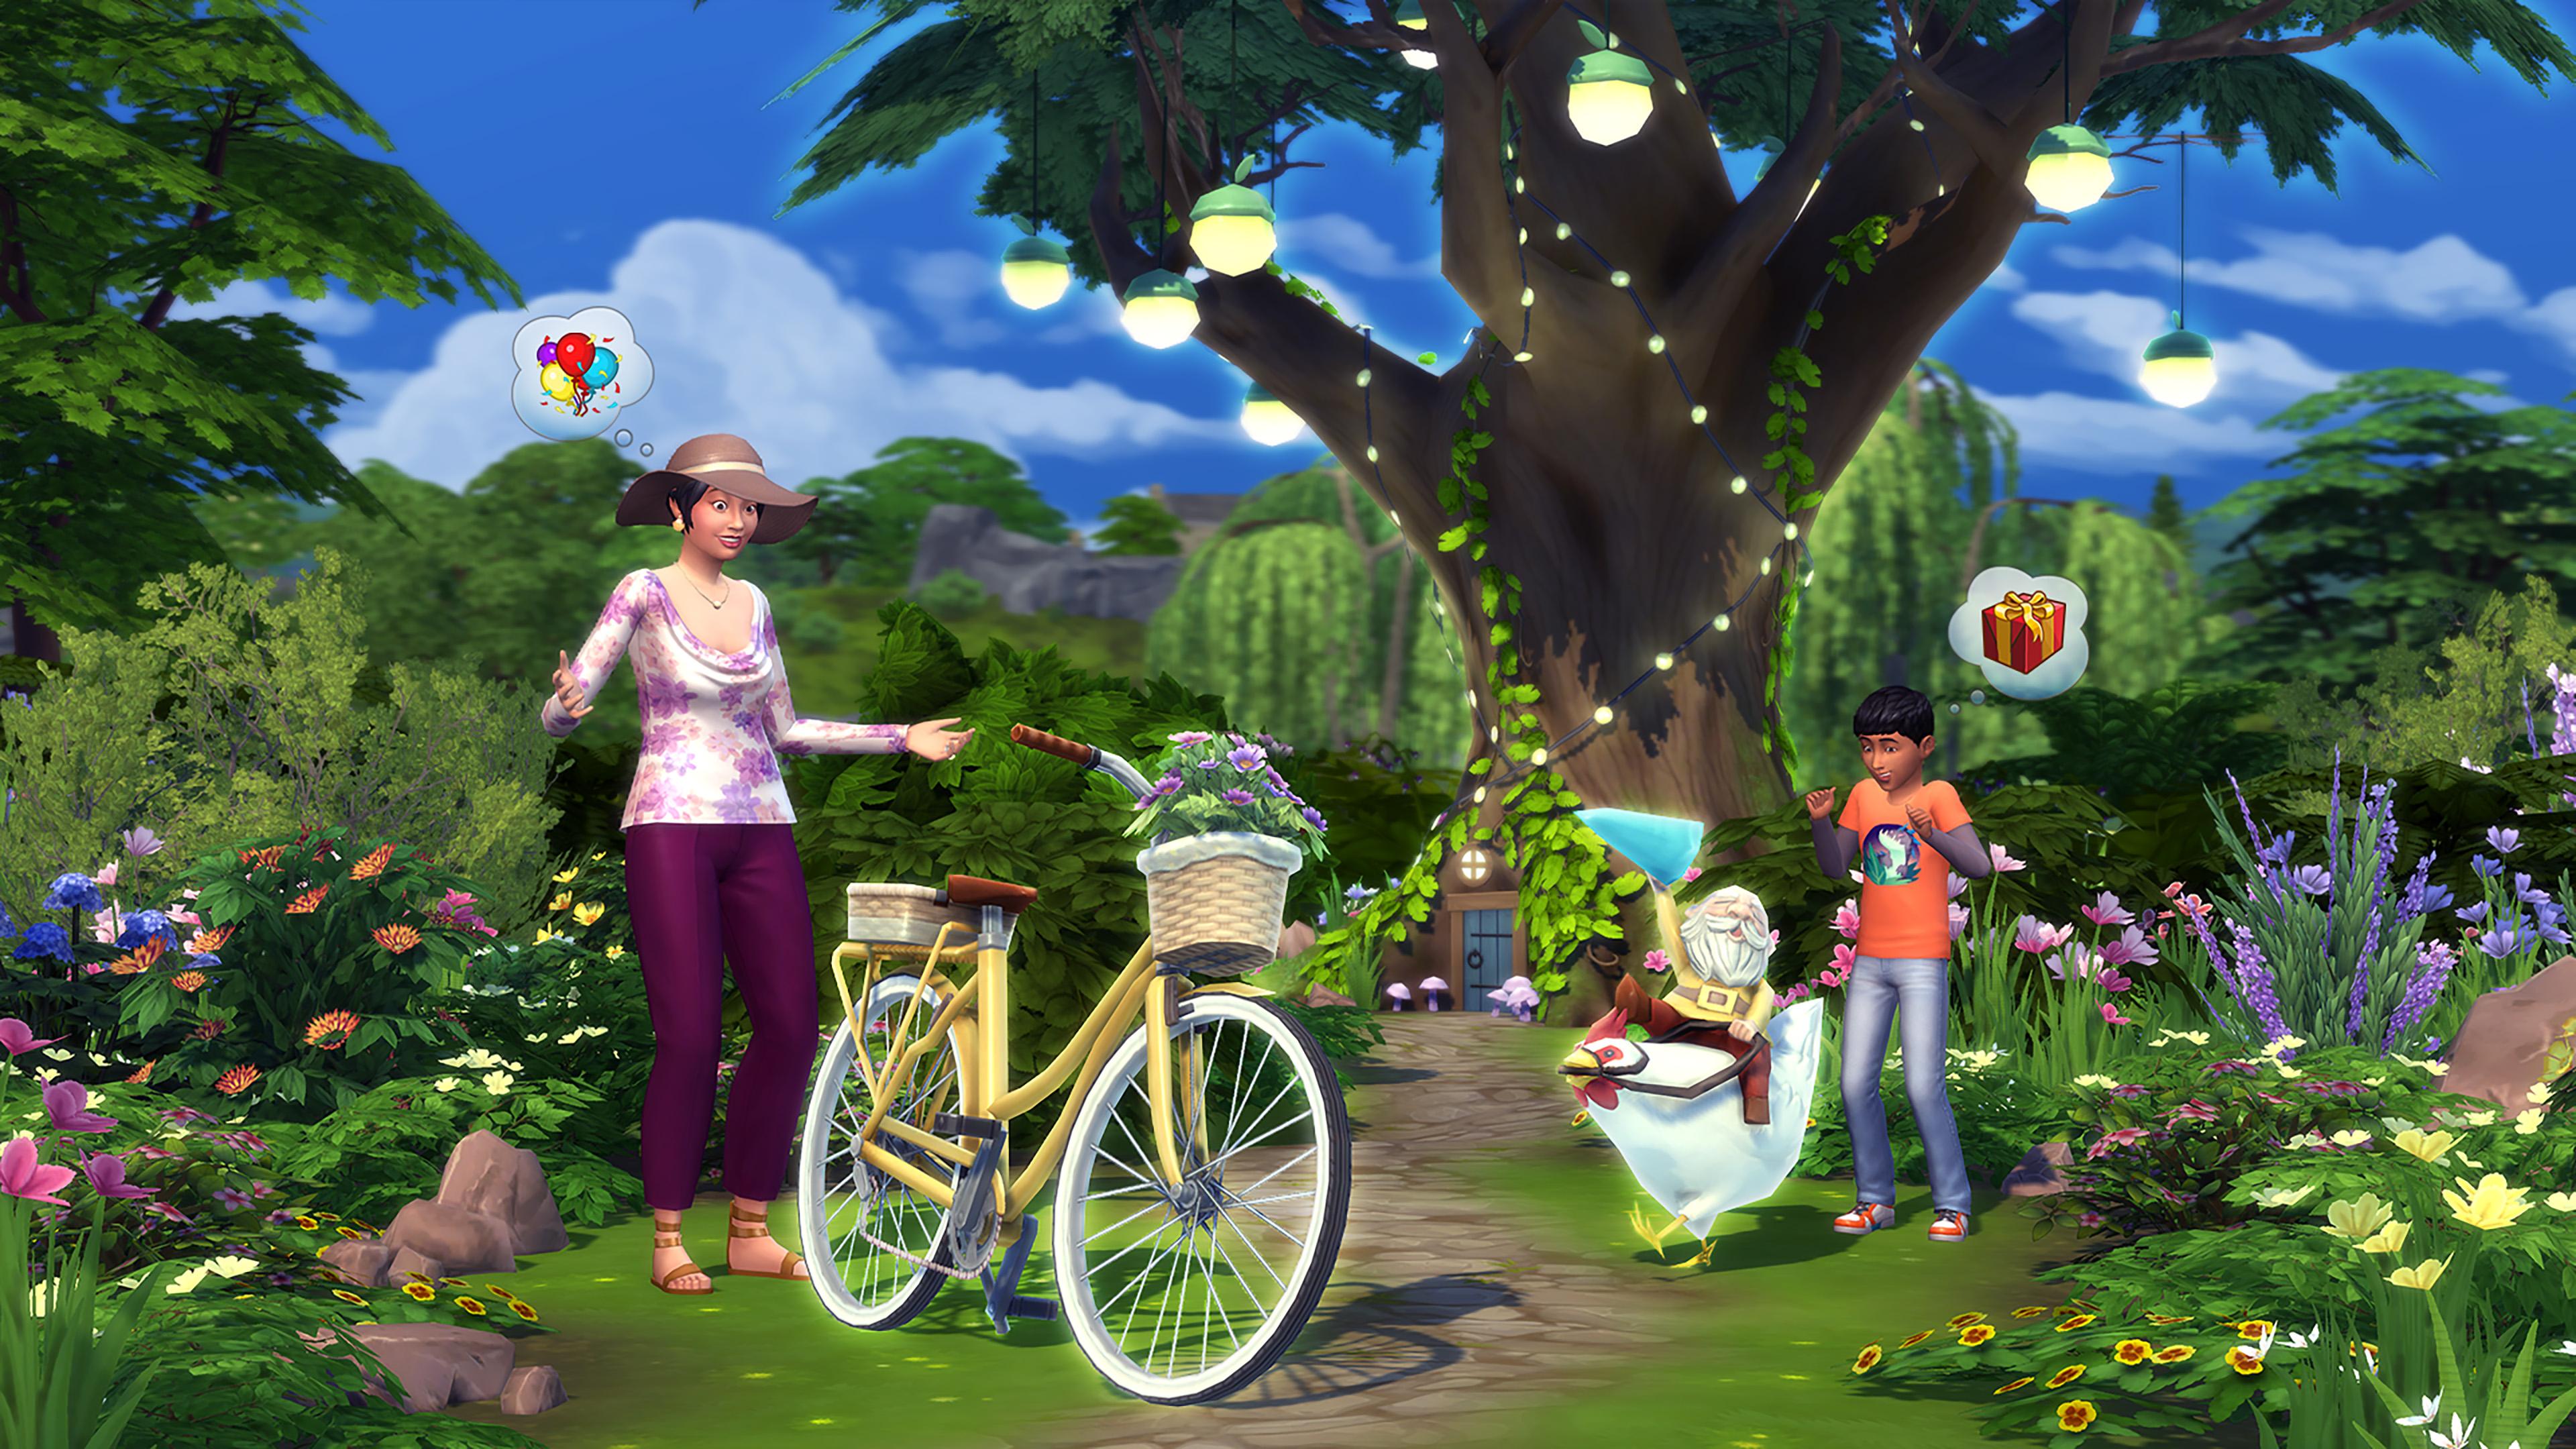 Скриншот №5 к The Sims 4 Загородная жизнь